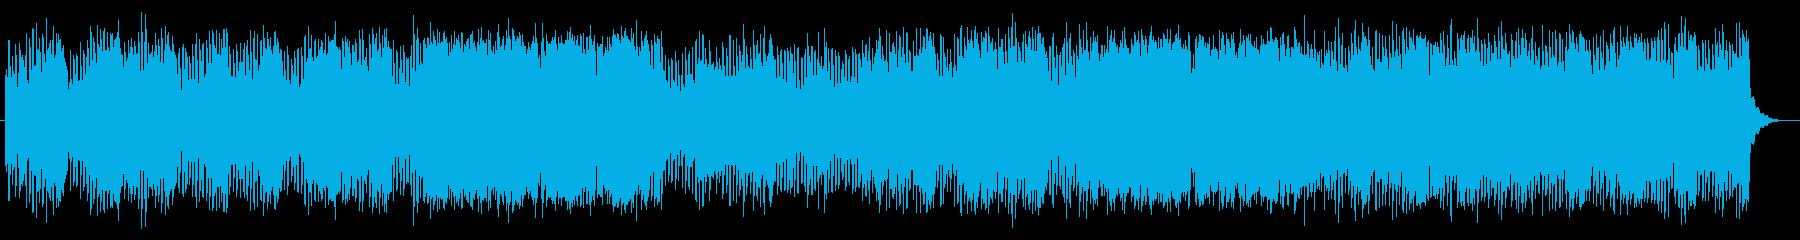 メロディアスなトランペットサウンドの再生済みの波形